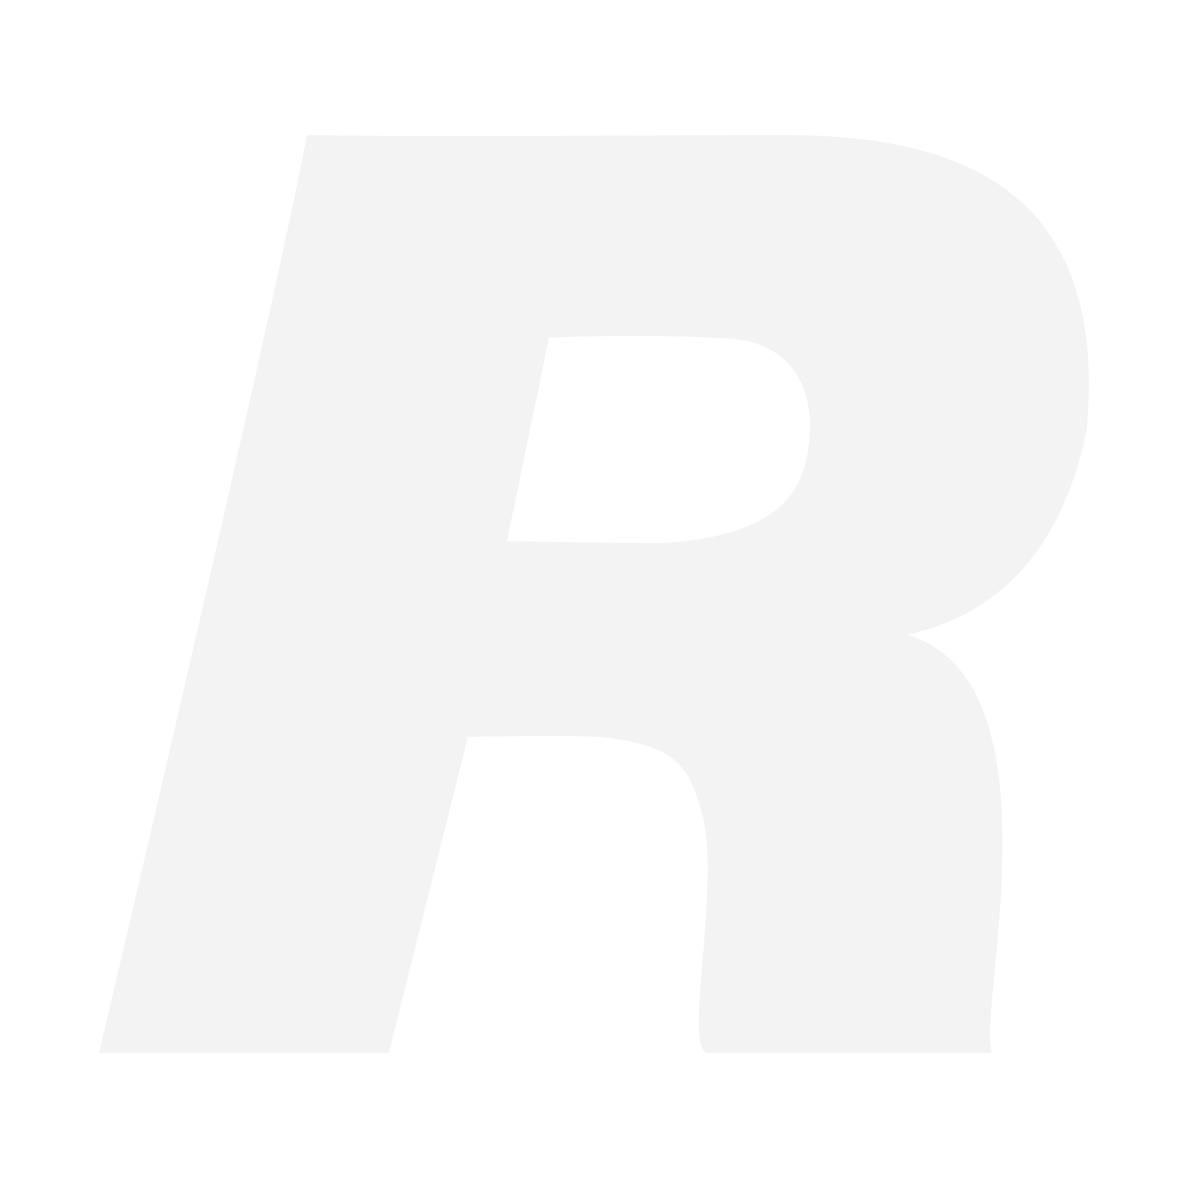 LEICA M-P TYP240 (SIS. ALV 24%) KÄYTETTY